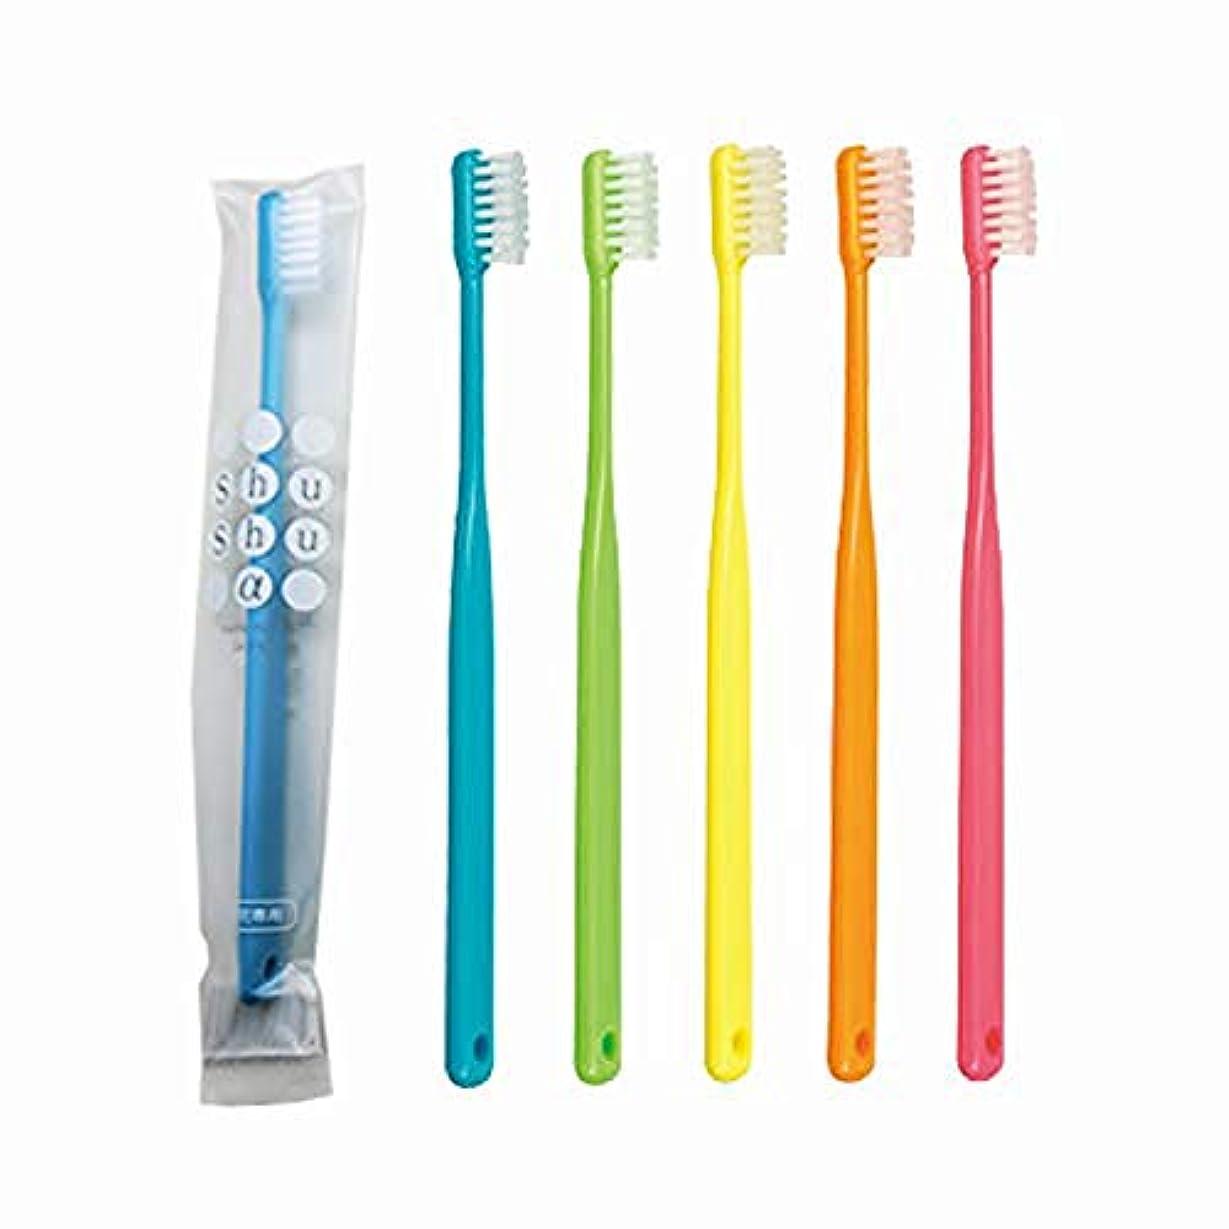 グラフィック徒歩で行為歯科専売品 大人用歯ブラシ FEED Shu Shu α(シュシュアルファ)×10本 M(ふつう)